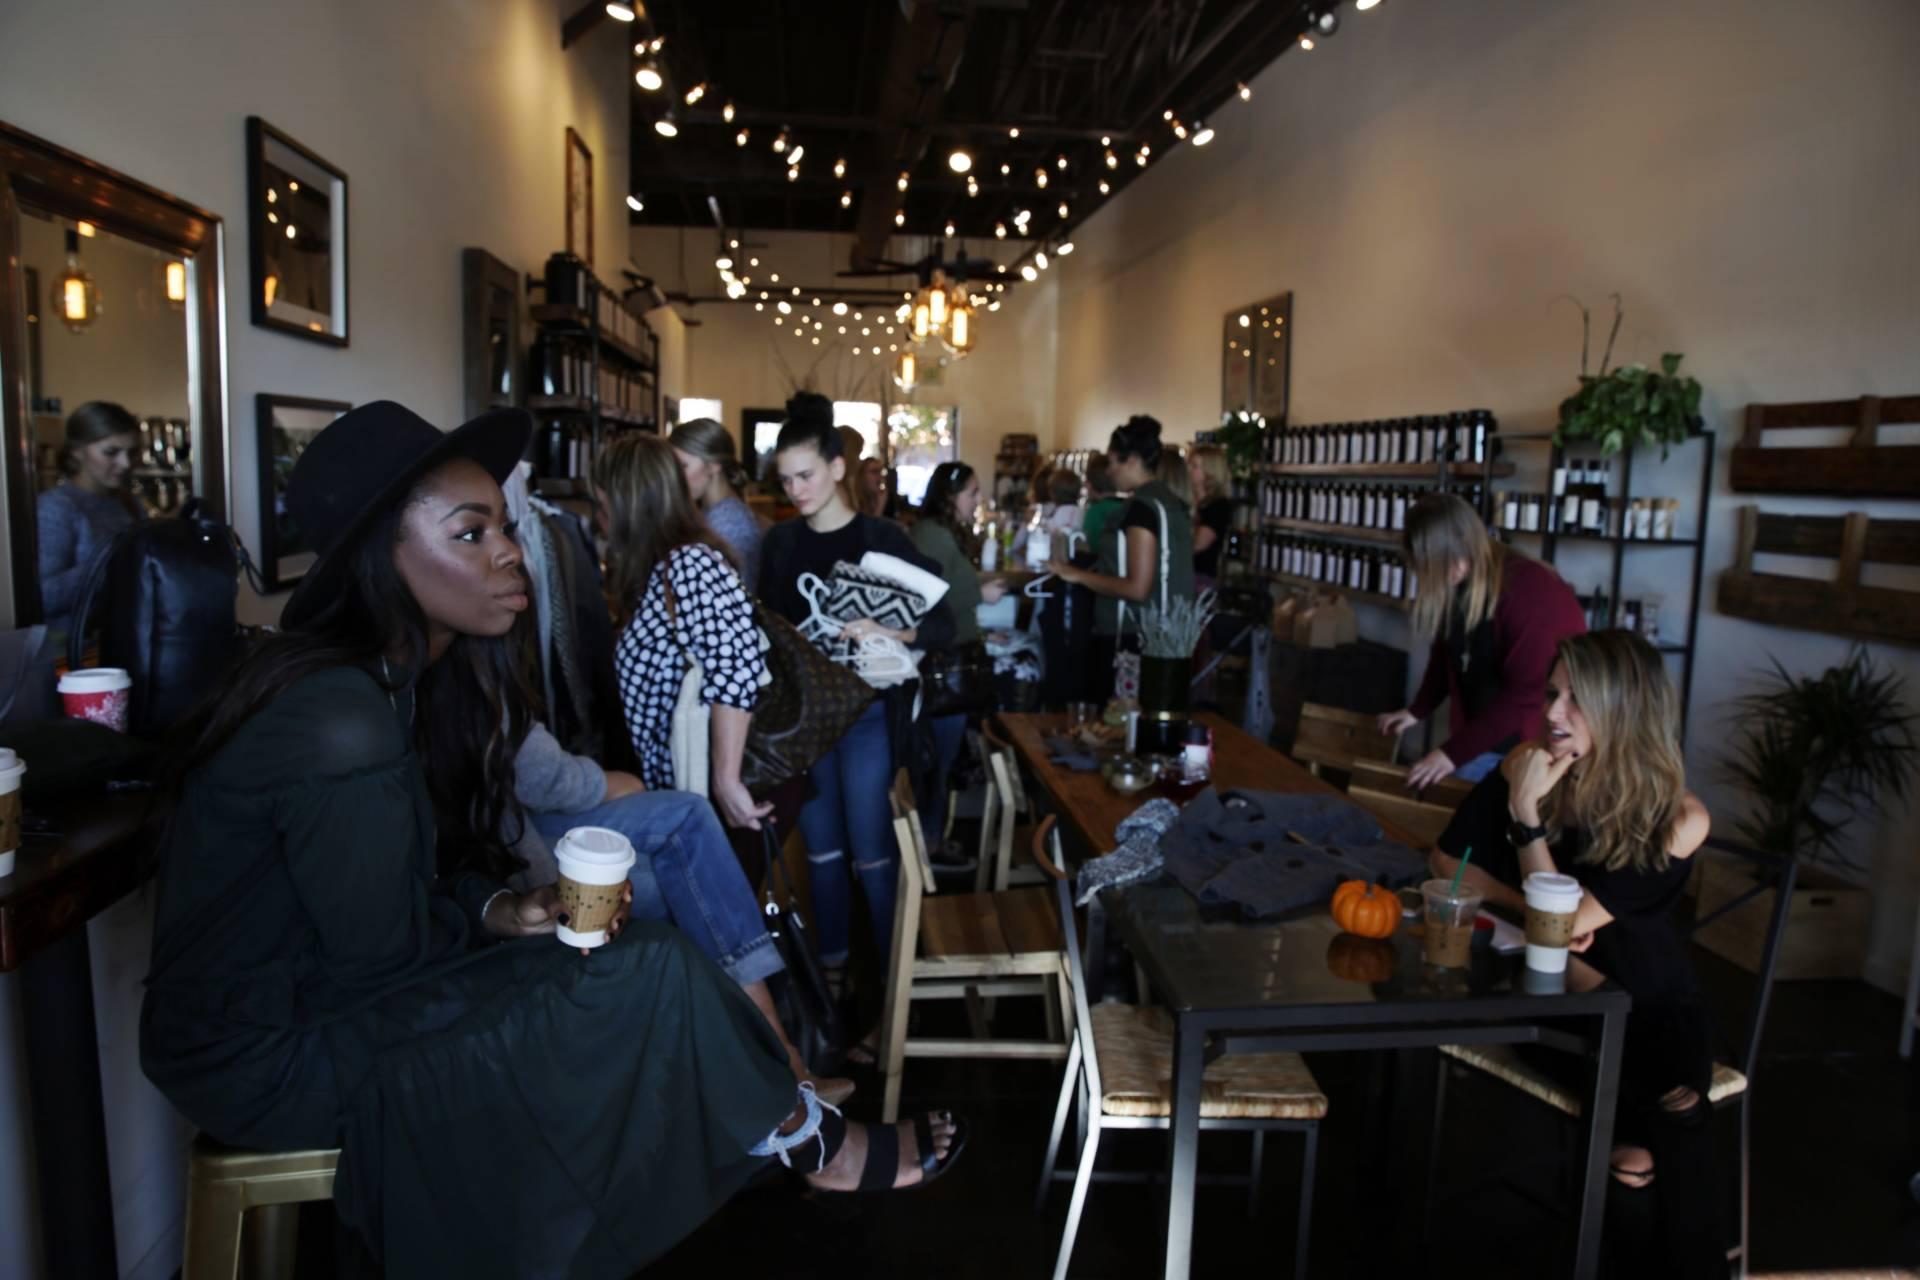 fashion-blogger-closet-sale-teaoxics-re-cap- friends